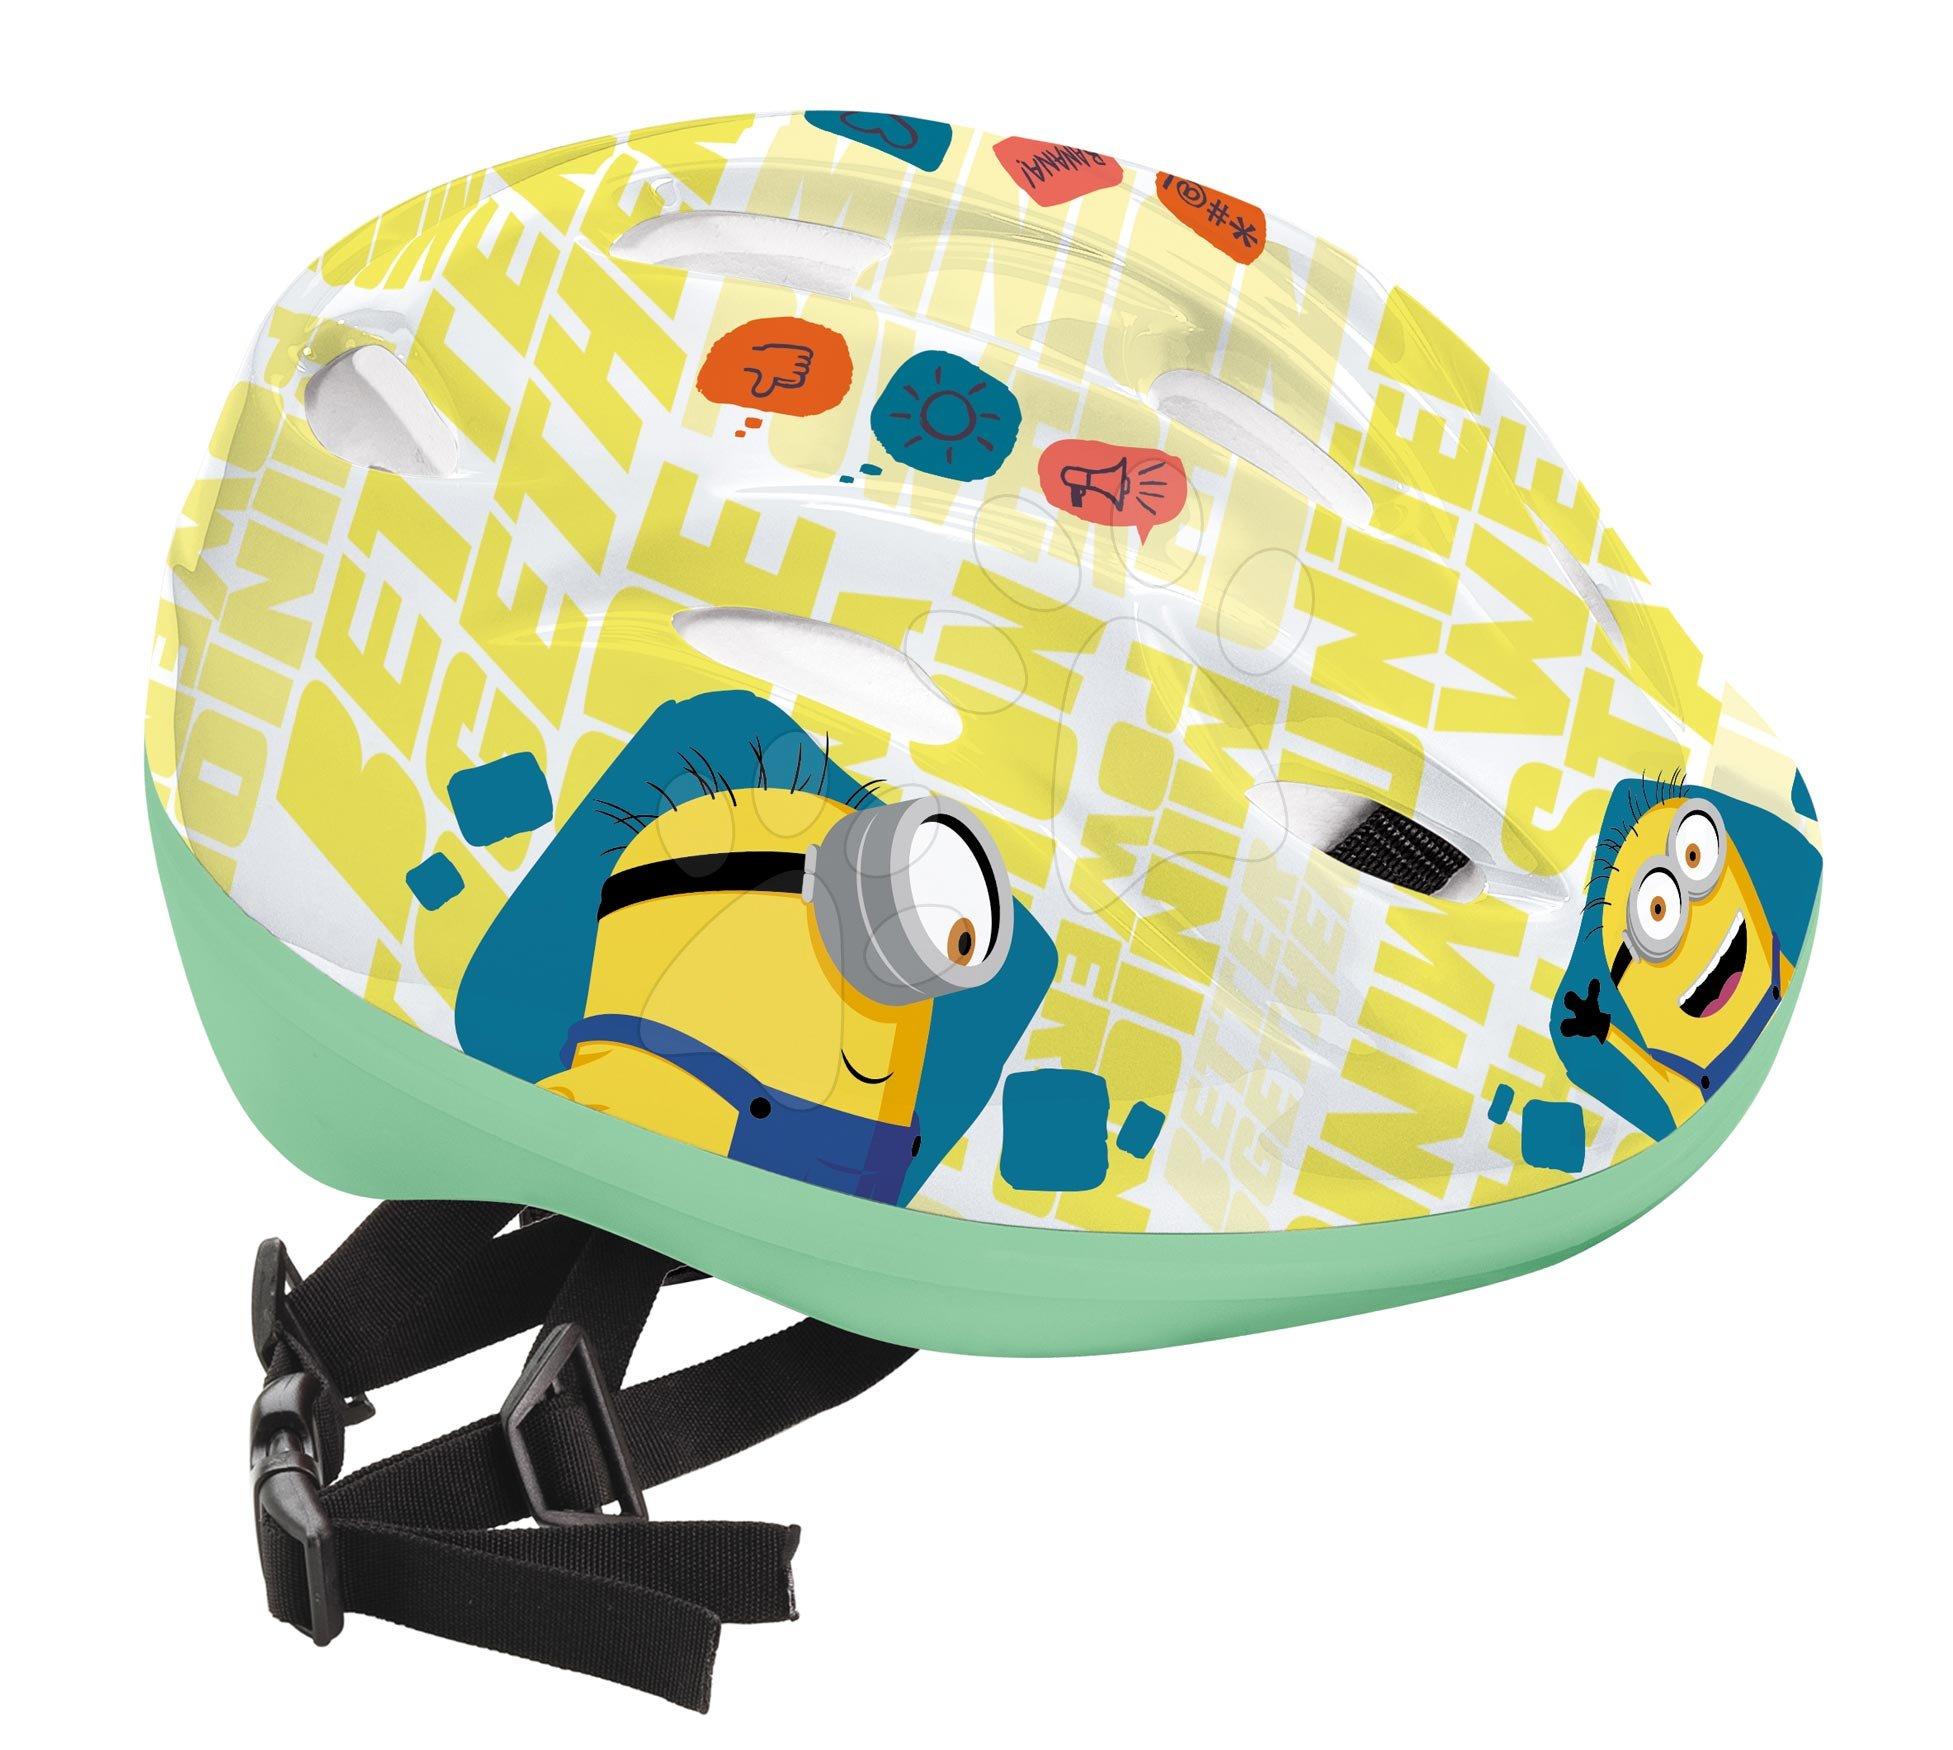 Detské prilby - Prilba Mimoni Mondo veľkosť 52-56 bielo-žltá